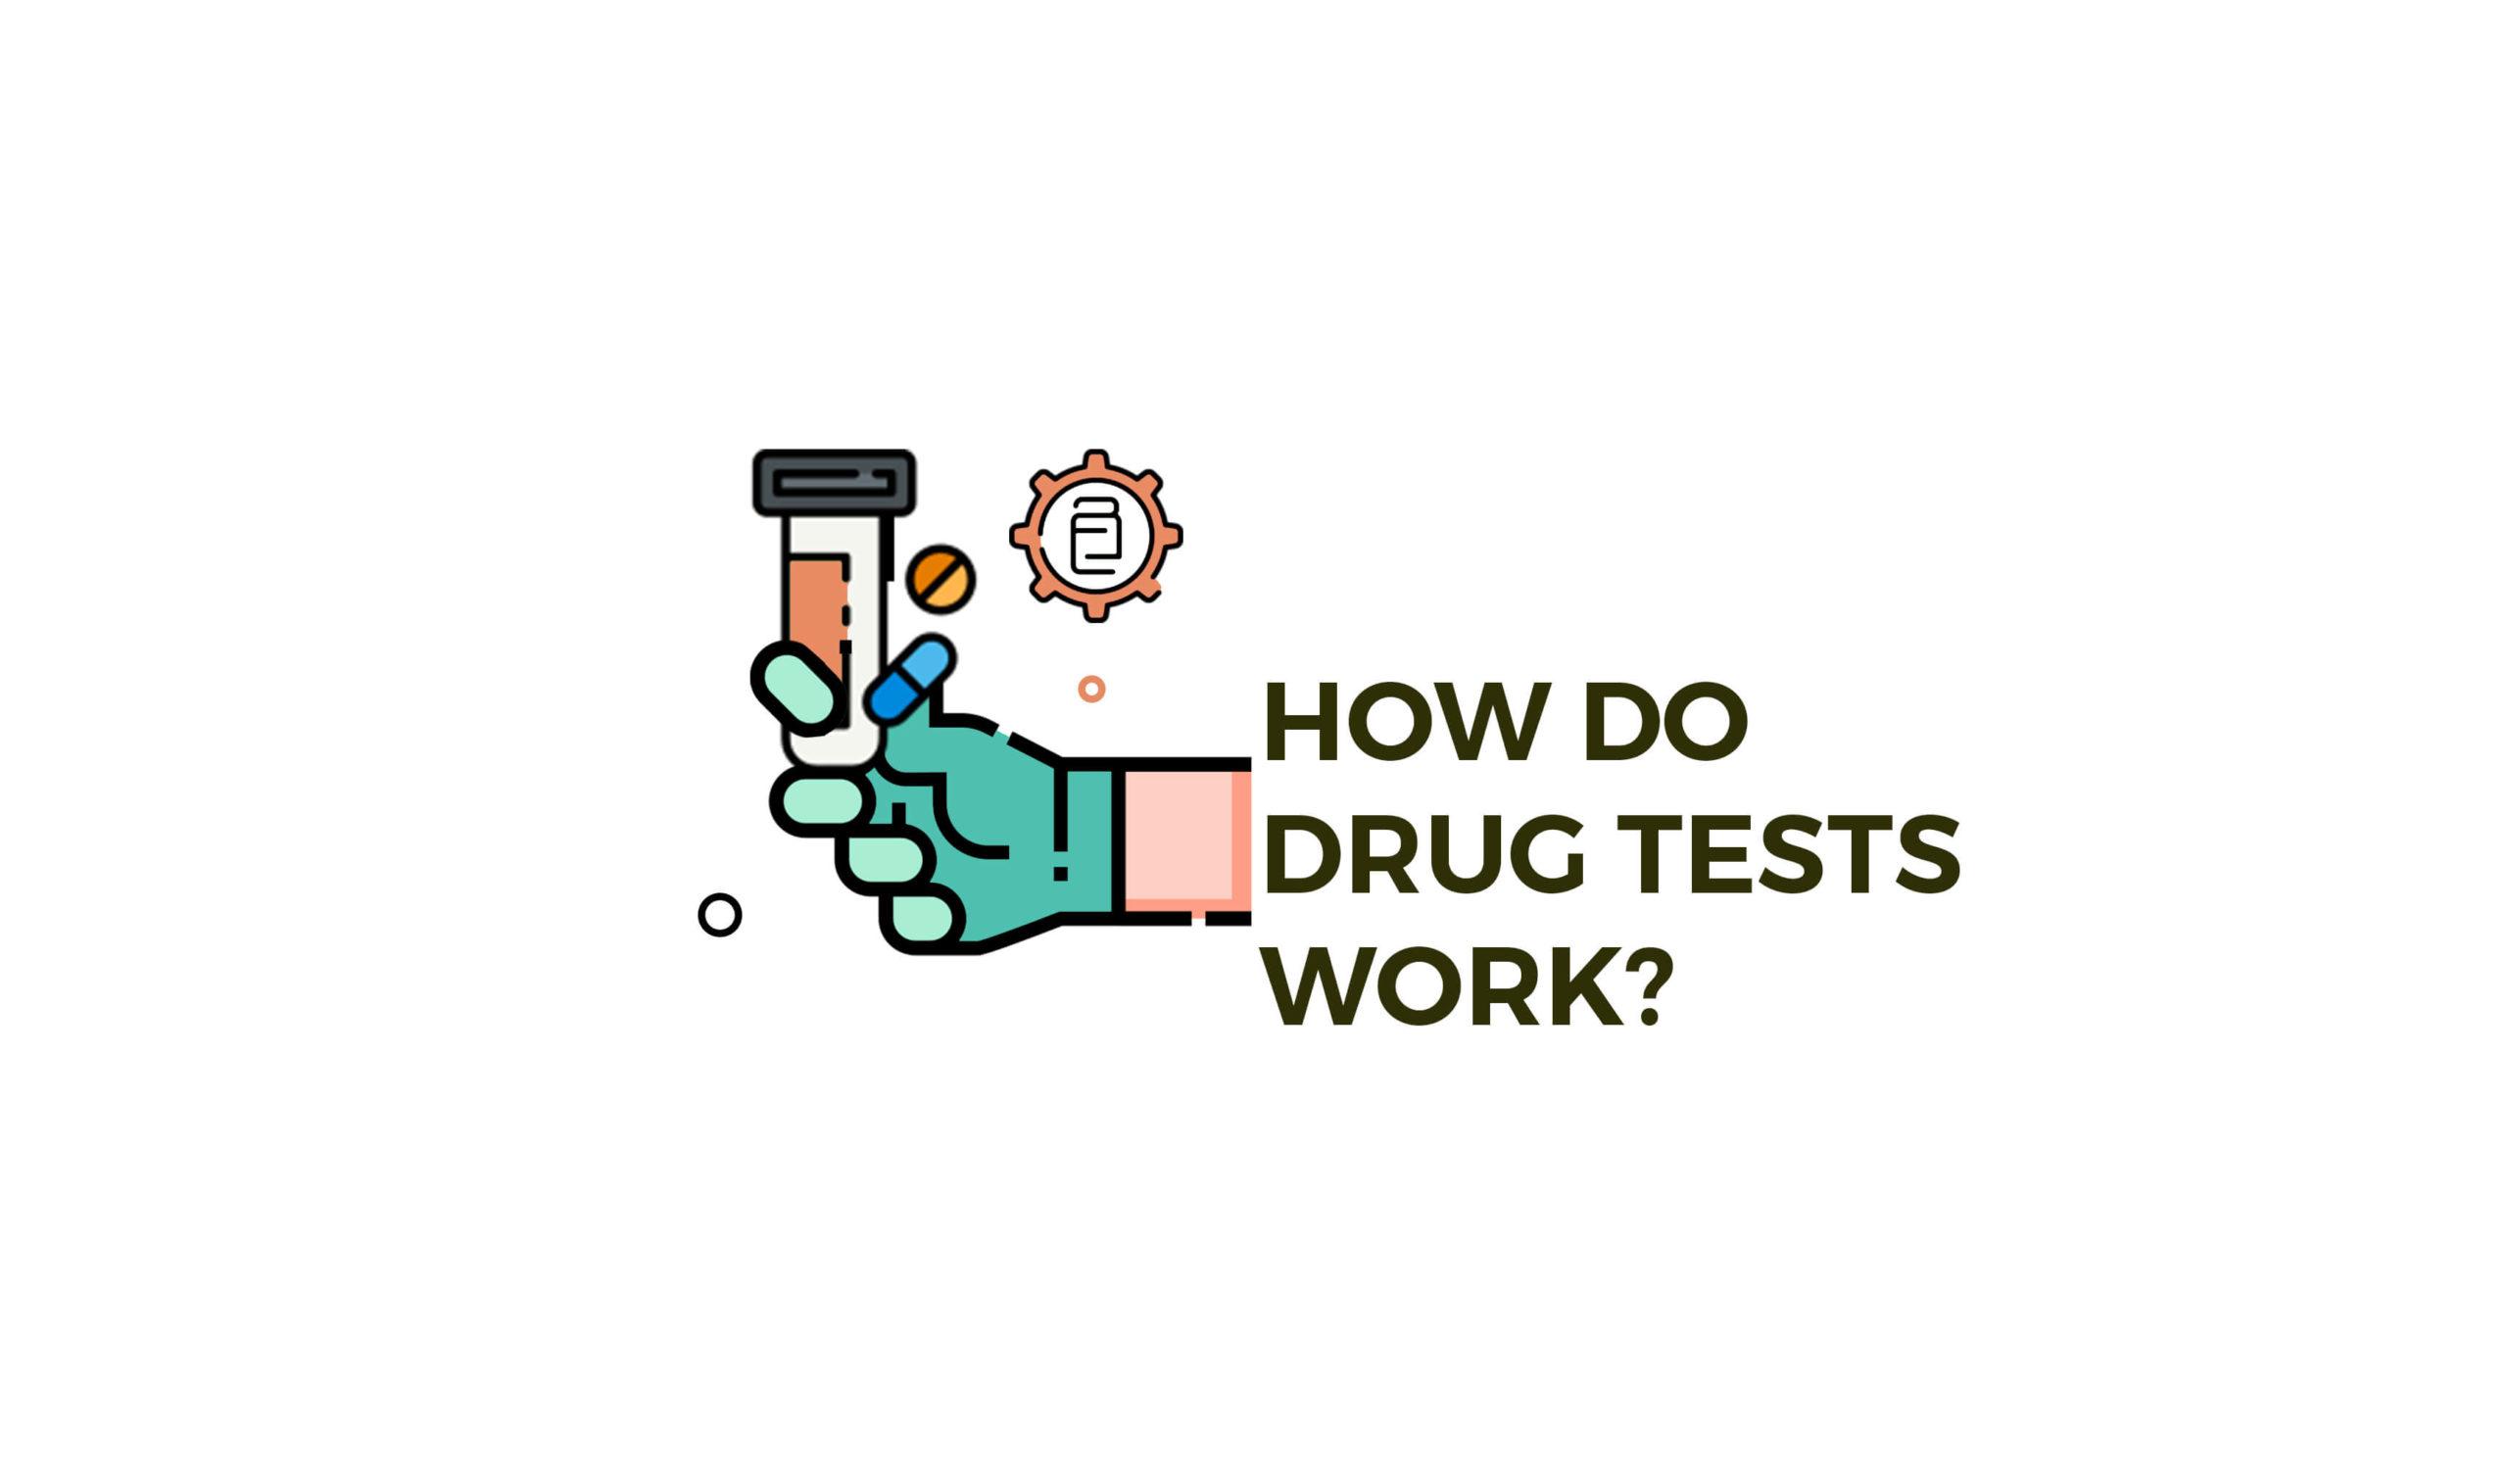 Drug Tests Work